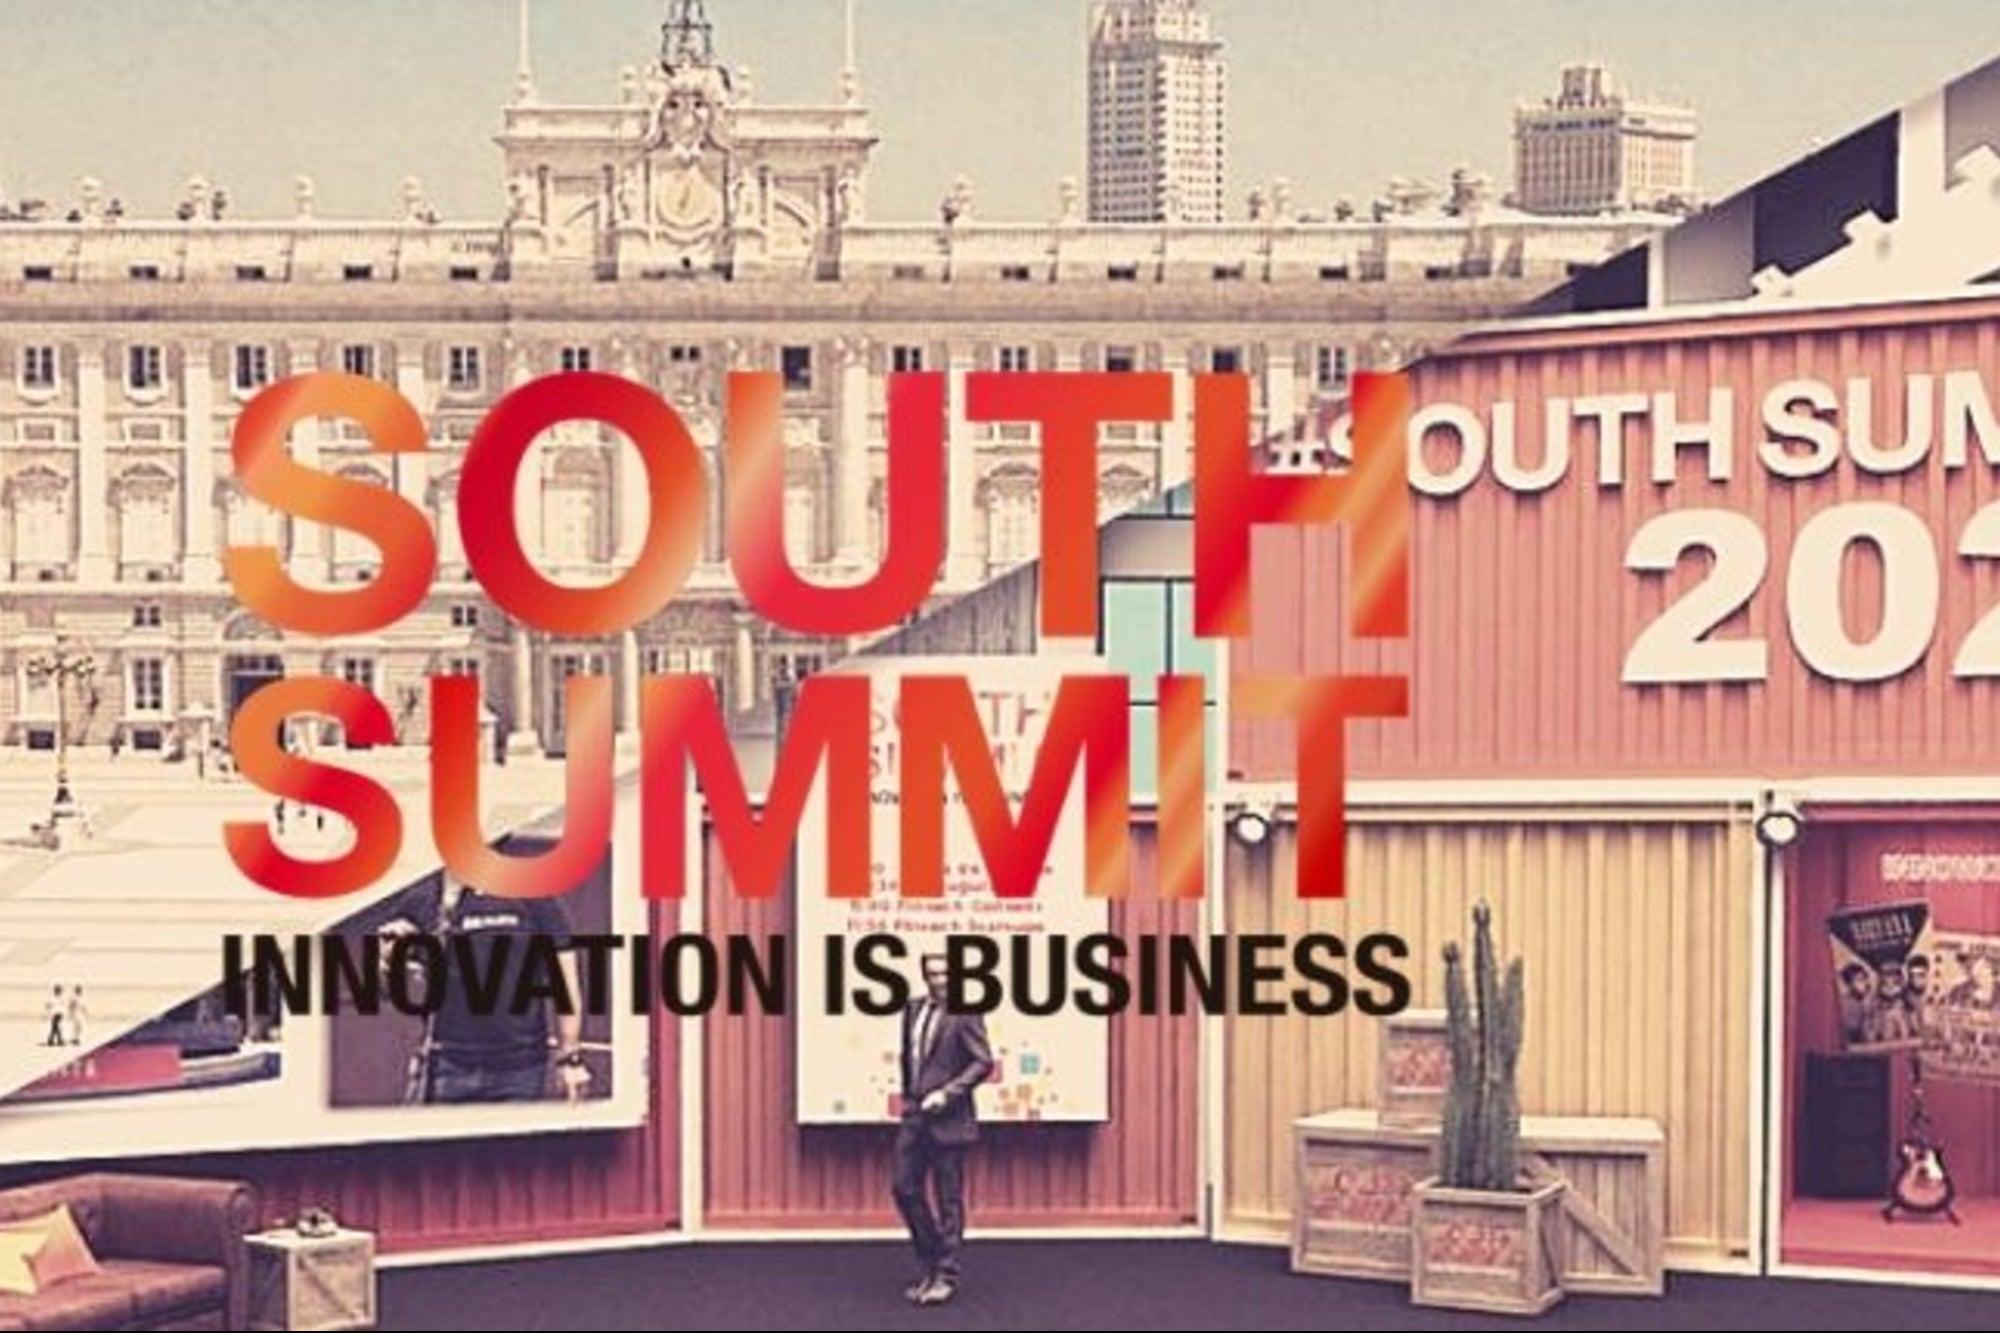 South Summit convertirá a Madrid en la capital mundial del emprendimiento